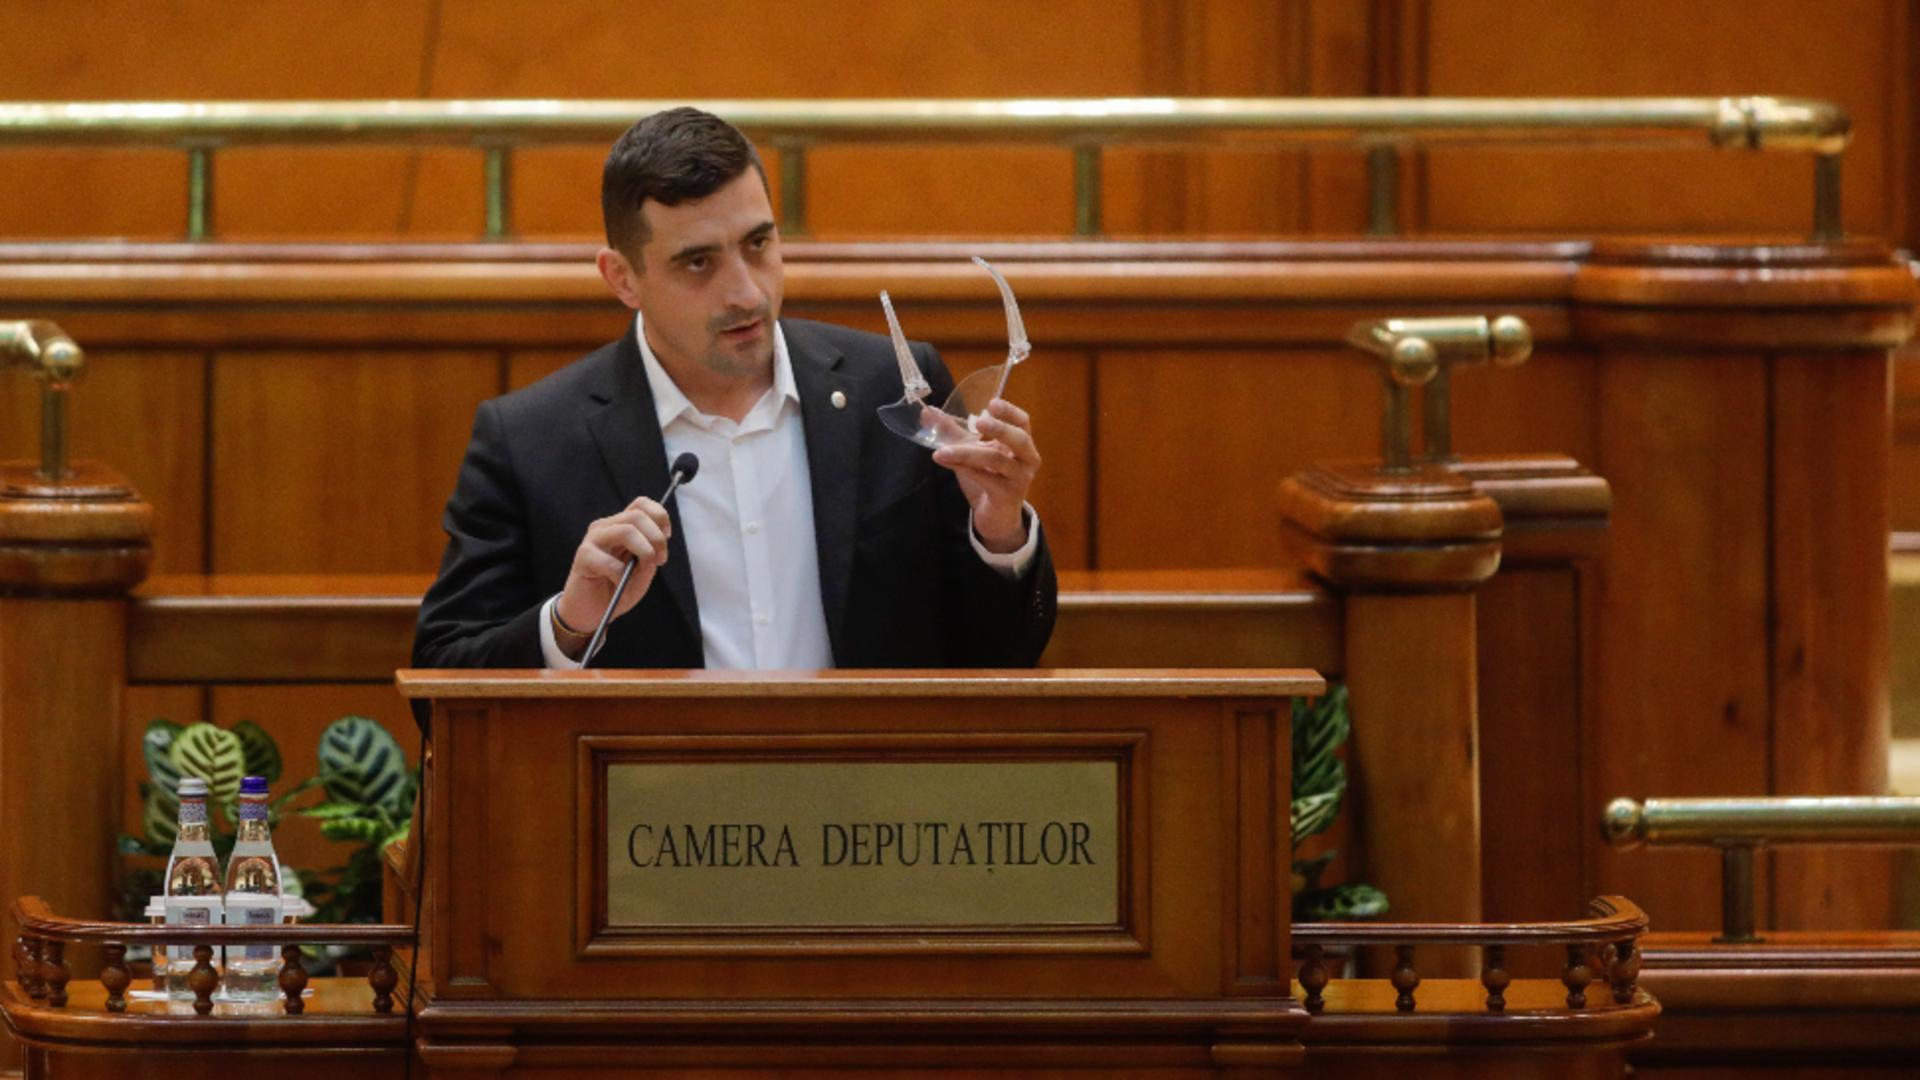 Partidul lui George Simion a ajuns pe locul 3 în sondaje / Foto: Inquam Photos